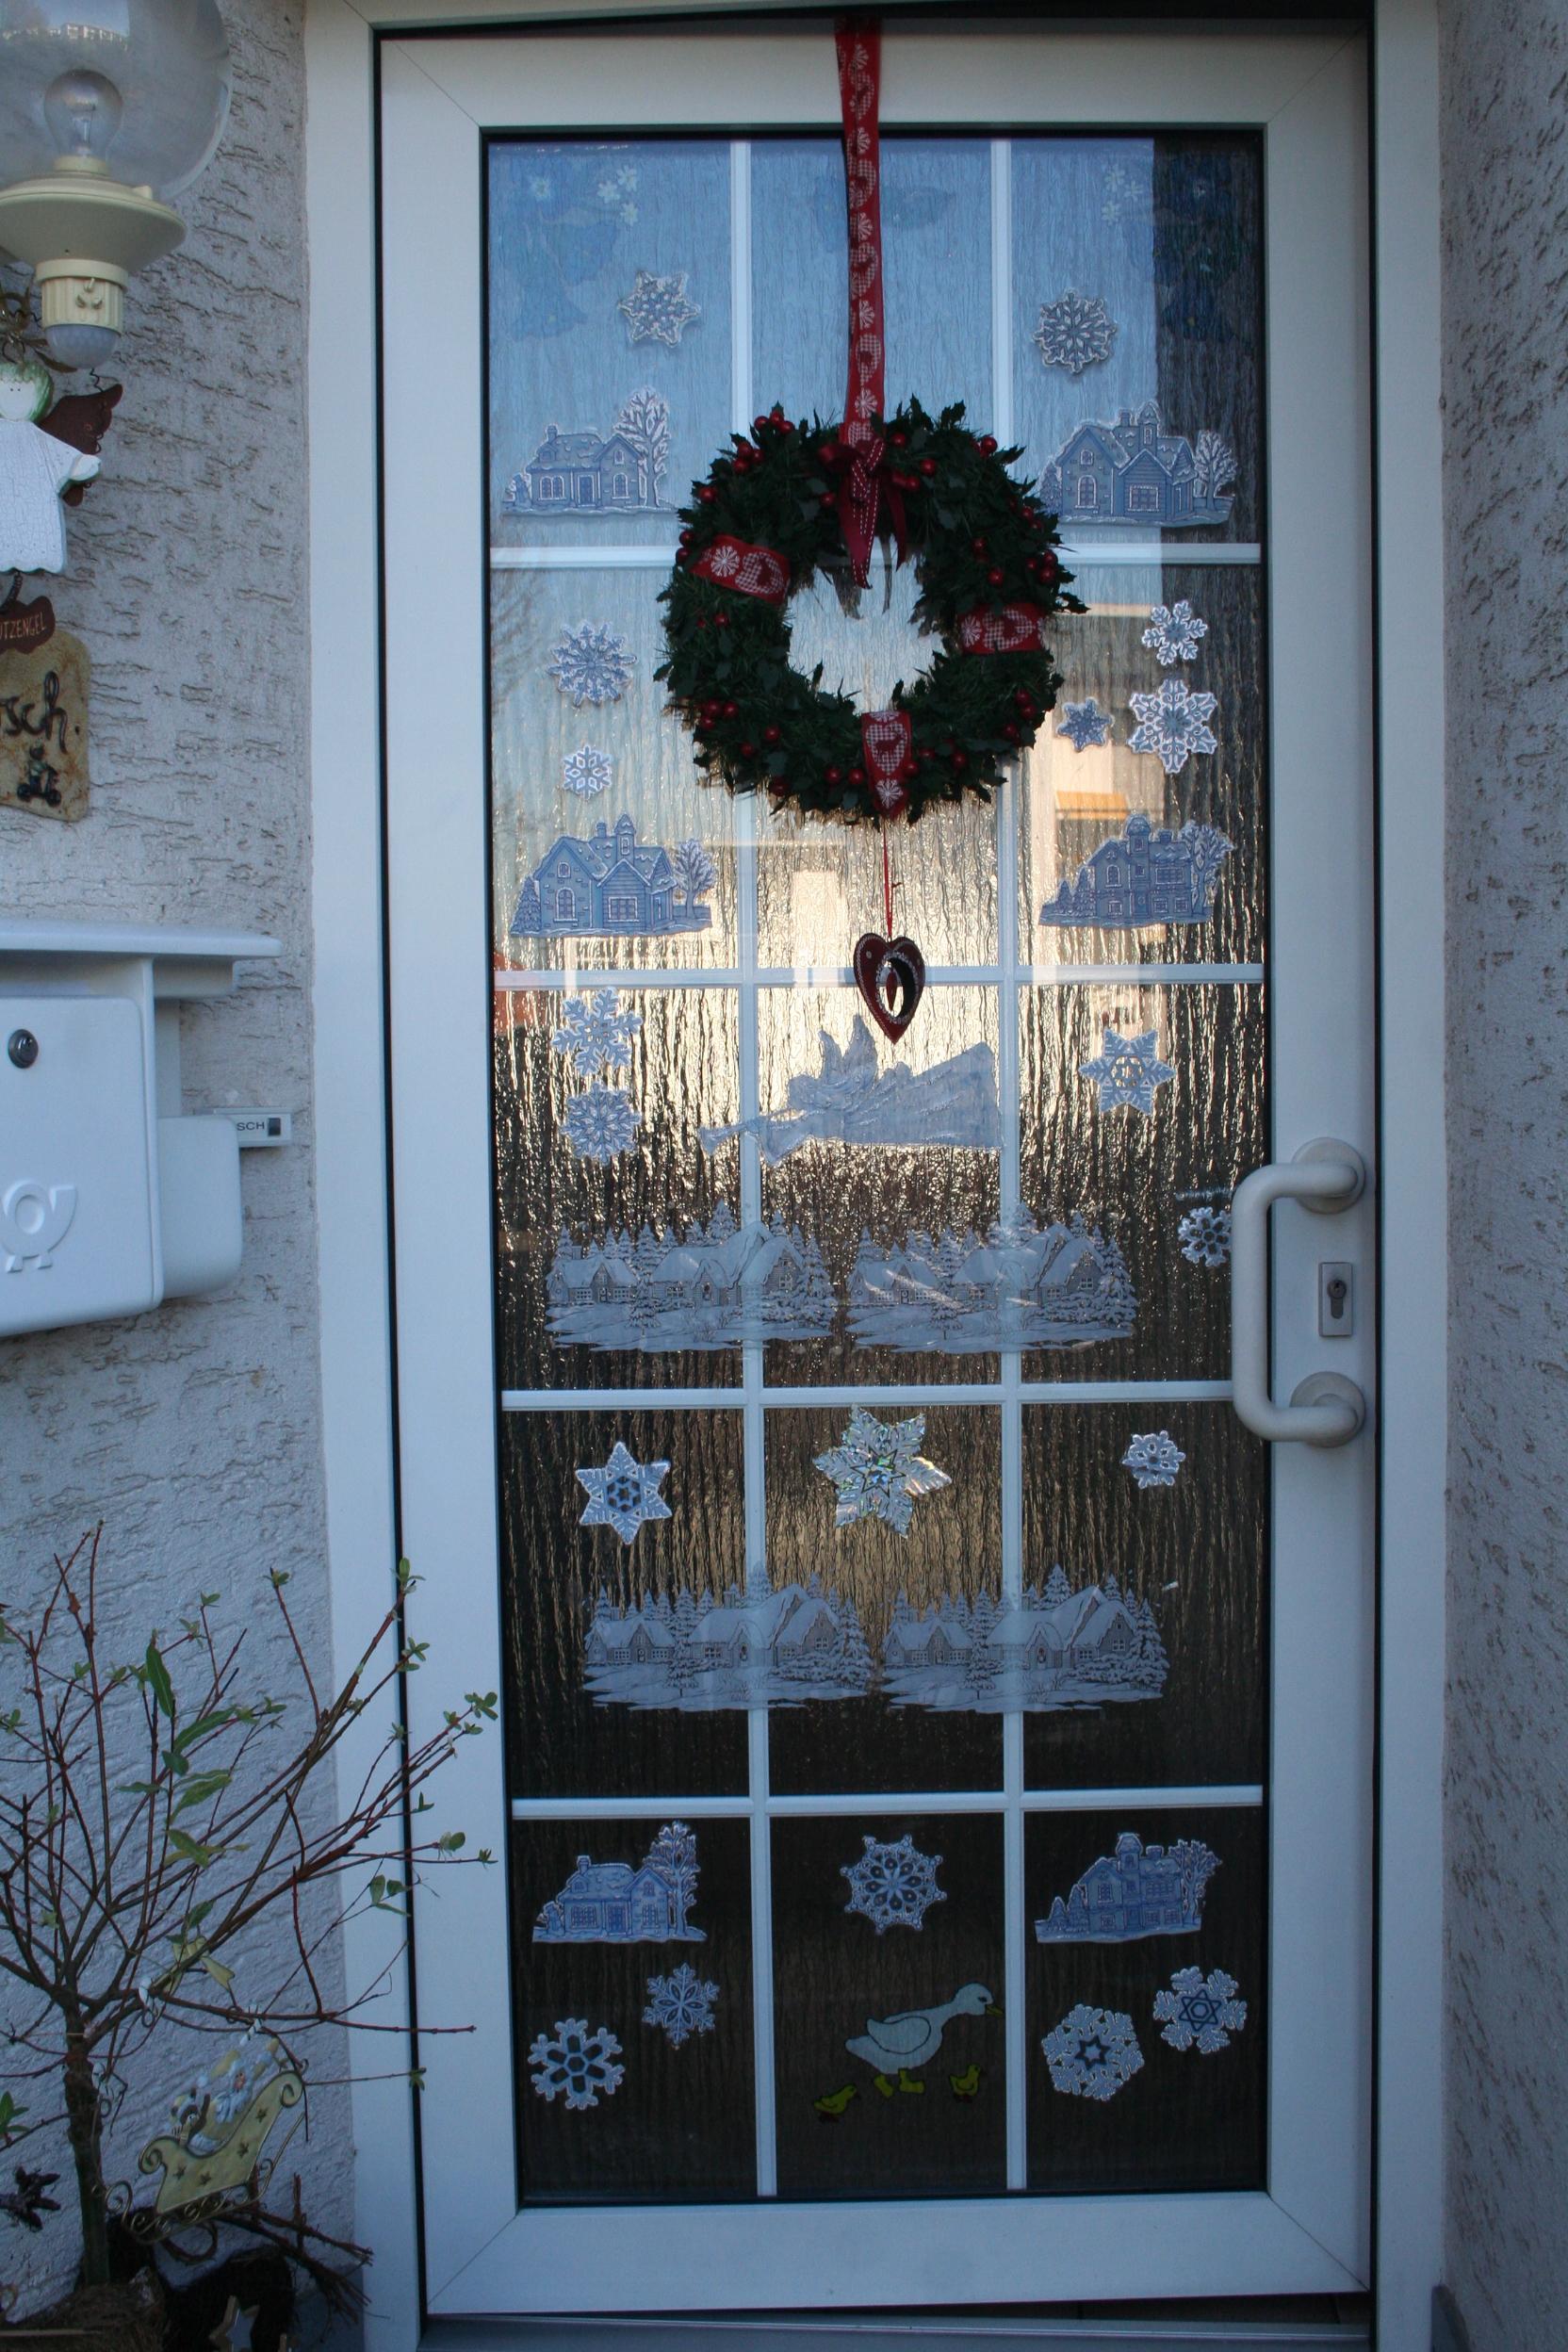 Ideas Para Decorar Puertas En Navidad.Decorar Las Puertas En Navidad Que Te Parece